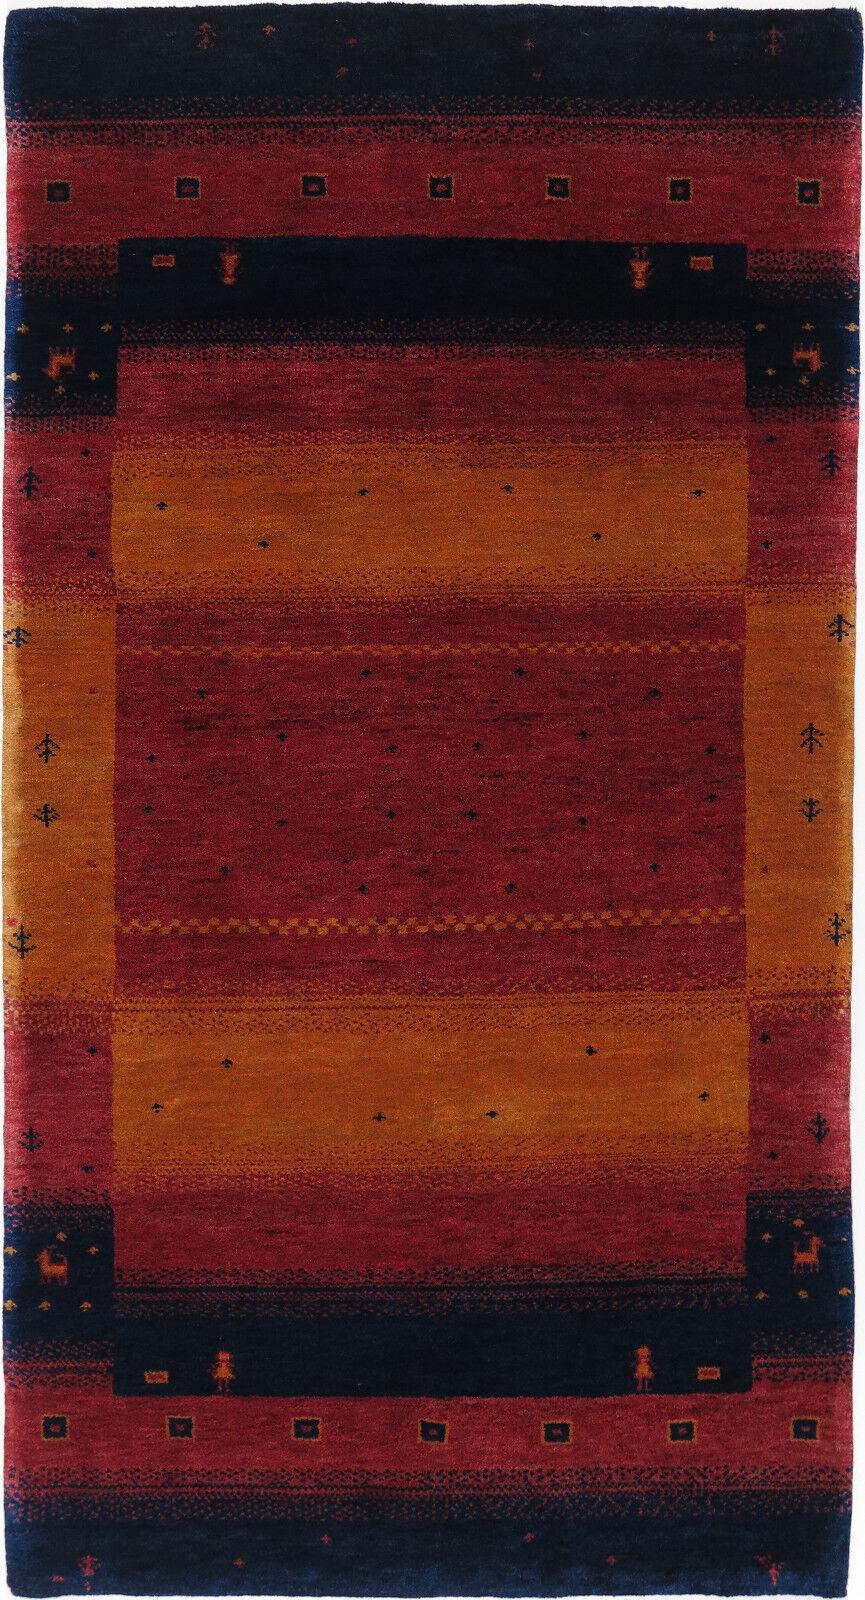 Gabbeh Tappeto Rug Carpet parte di Tapis tapijt Tappeto Alfombra Orient Persiani tipo Nomad